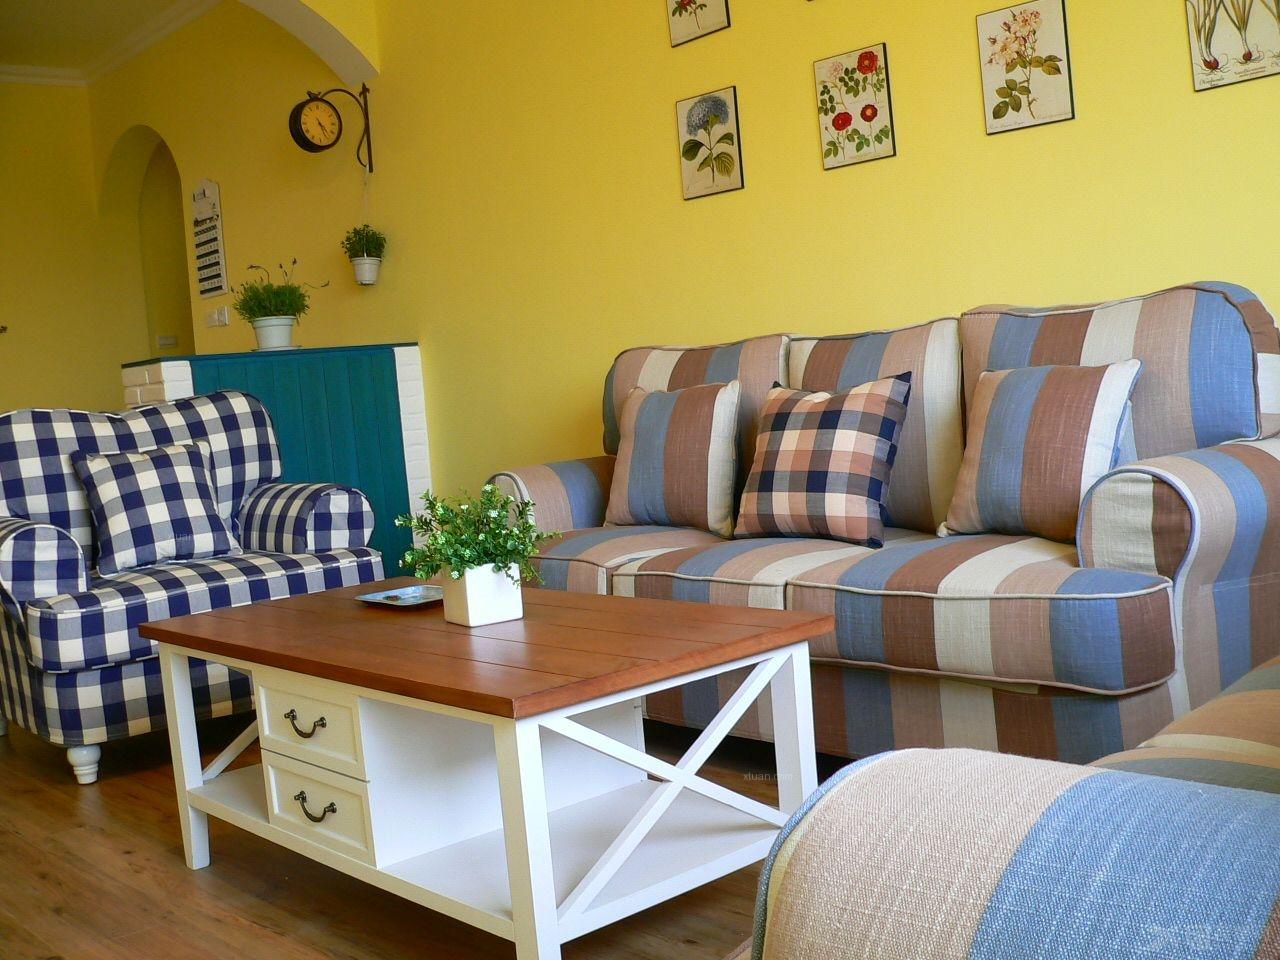 地中海沙发 北欧 美式乡村 韩式田园亚麻布料 条纹格 混搭装修效果图图片